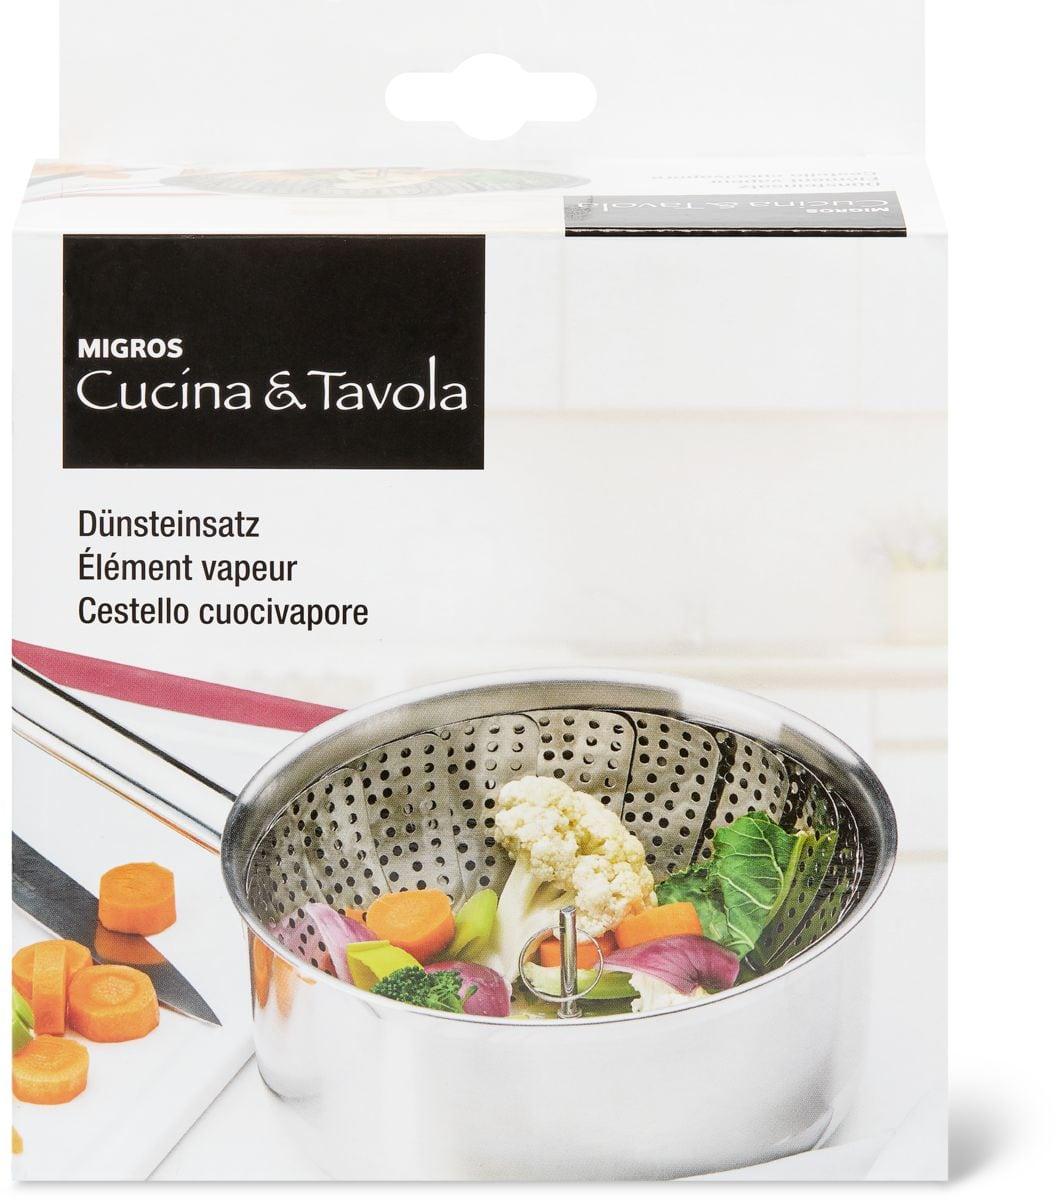 Cucina & Tavola Elément vapeur